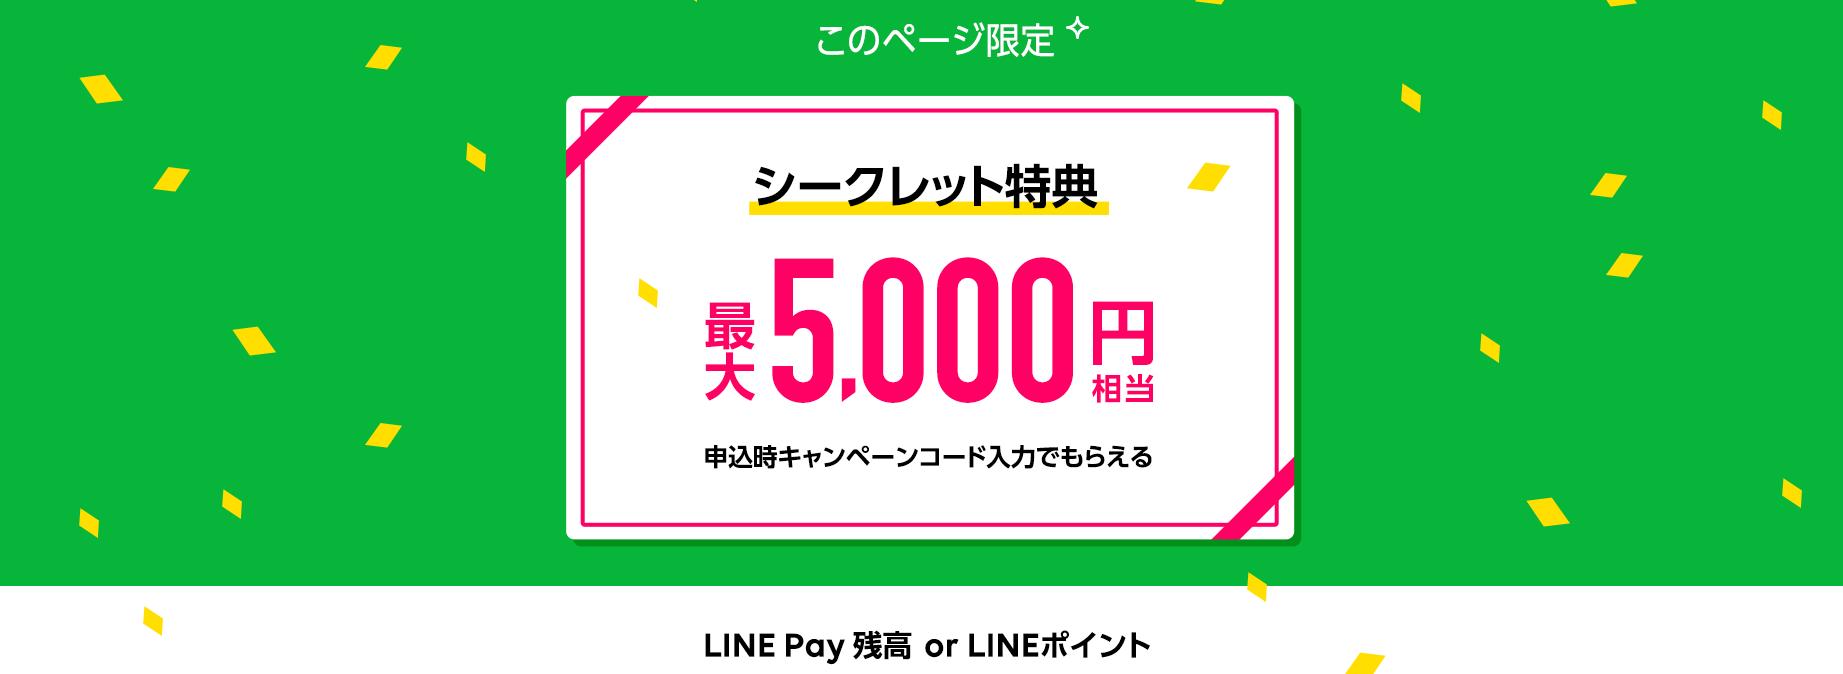 LINEモバイル_キャンペーン_シークレット